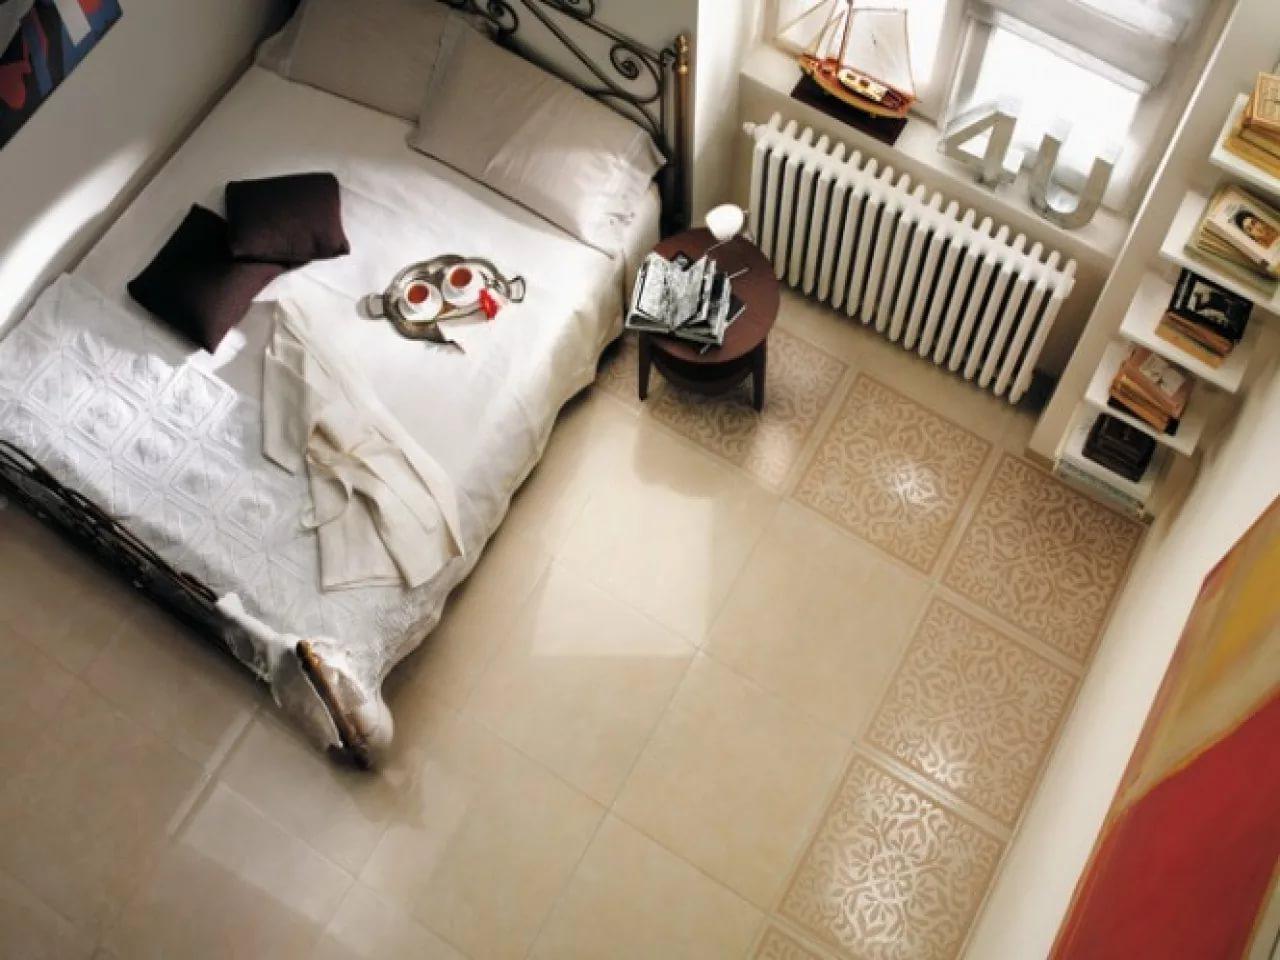 Lantai Di Dalam Bilik Tidur 48 Gambar Bagaimana Untuk Memilih Alas Lantai Permaidani Dan Lamina Lebih Baik